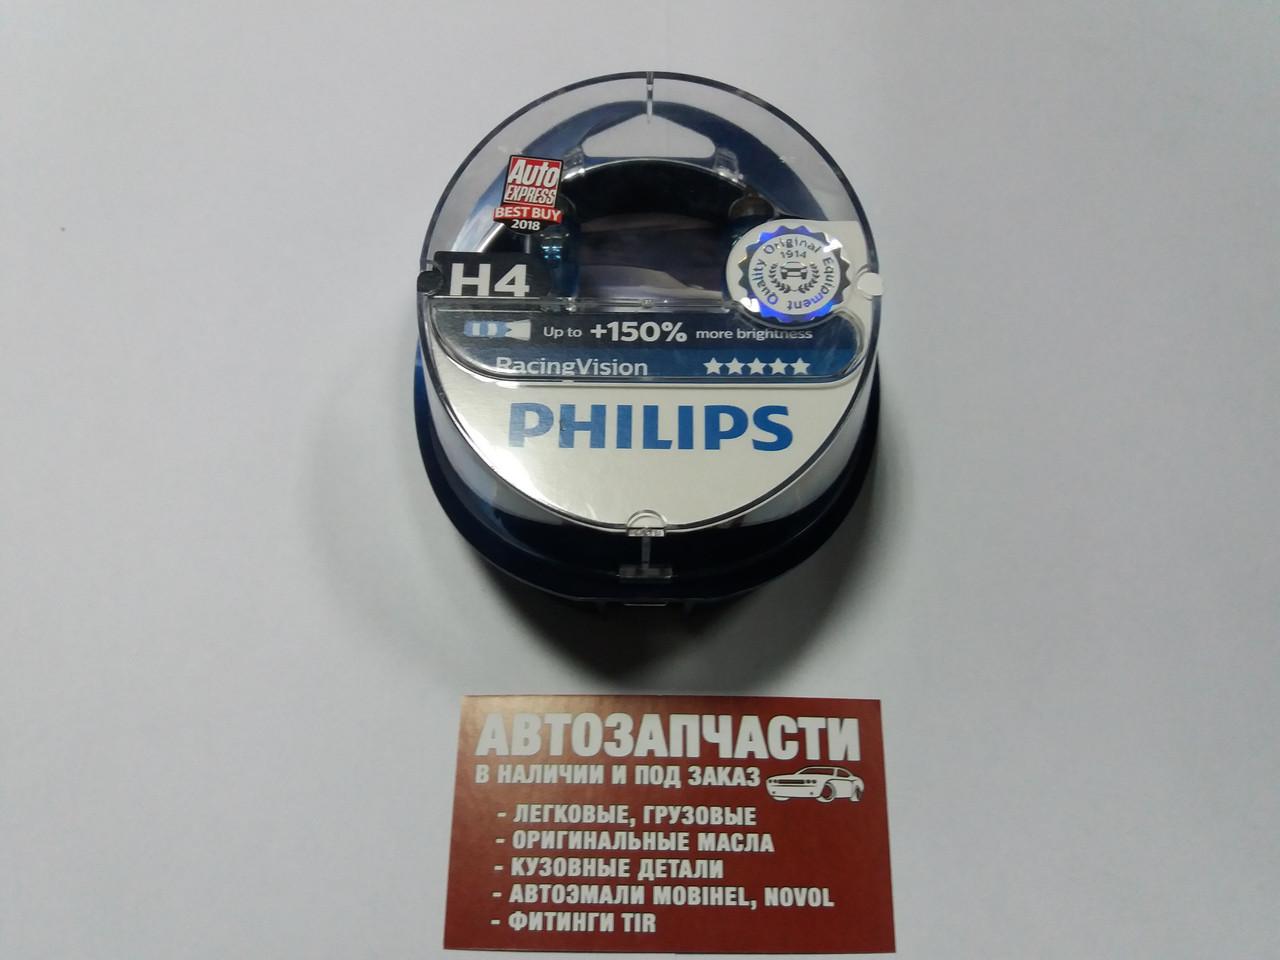 Лампа галогенна Philips Racing Vision H4 12V 55/60W +150% к-т